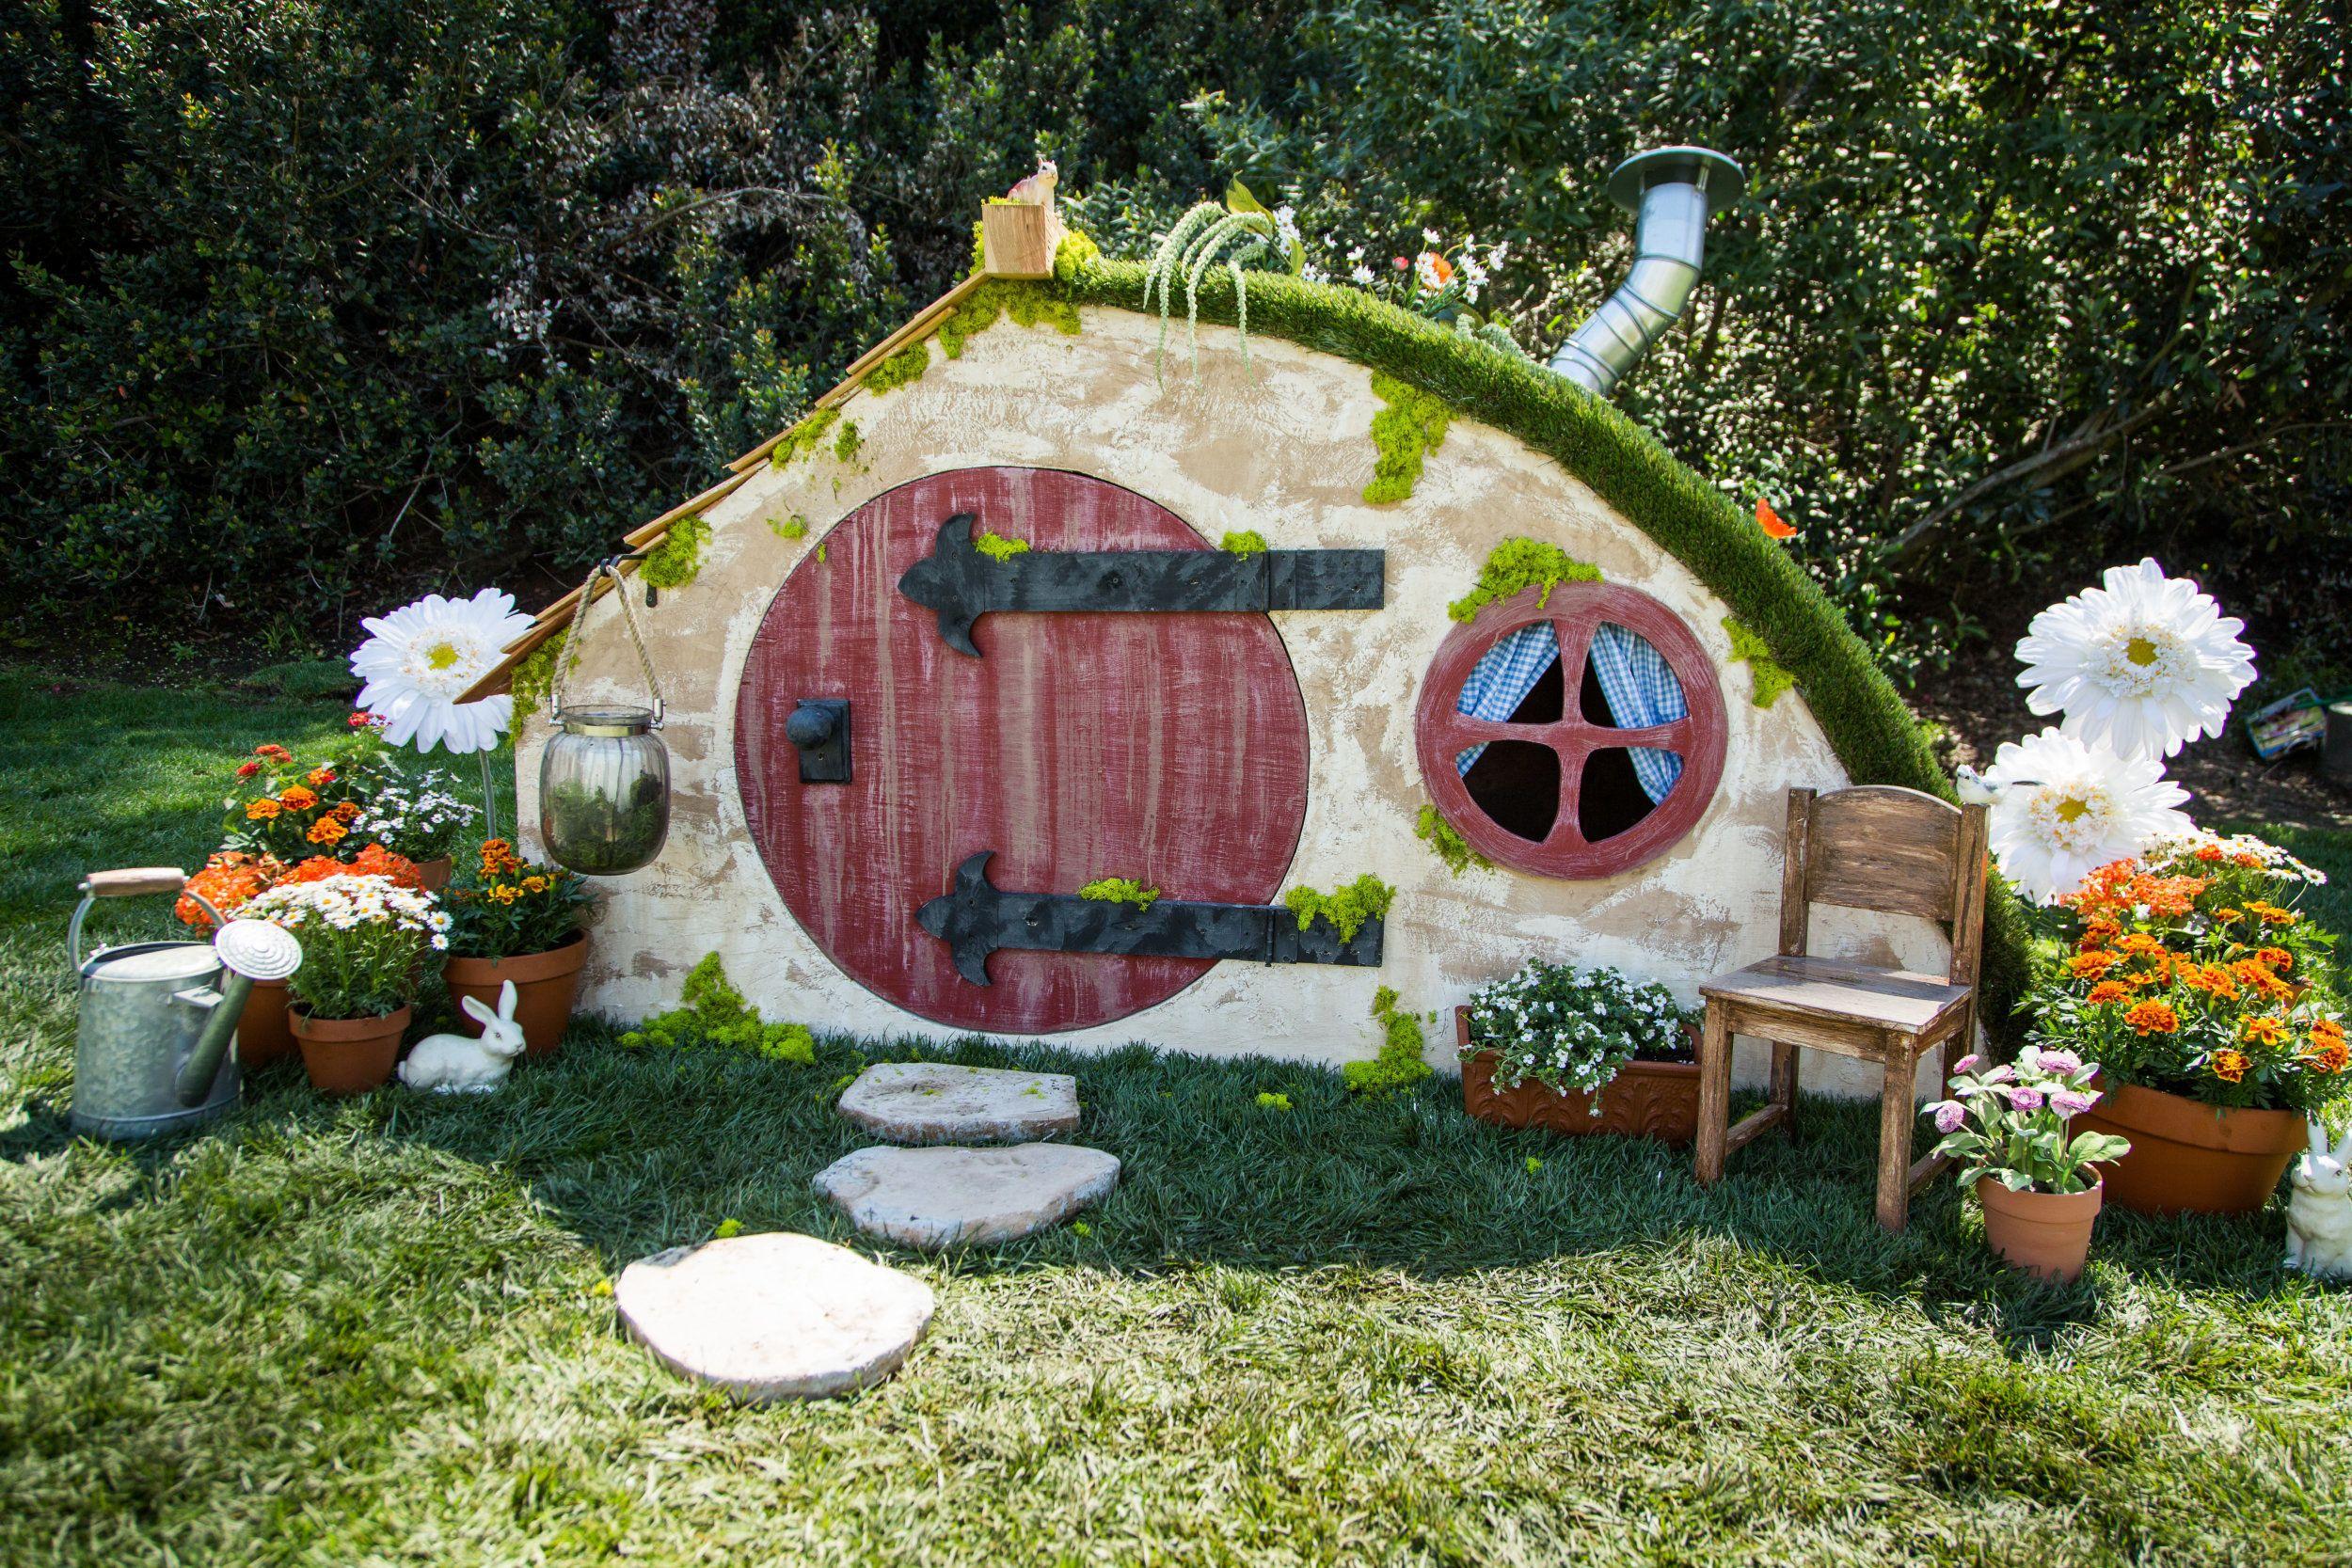 Diy Hobbit Hole Playhouse Diy Playhouse Home And Family Hallmark Build A Playhouse